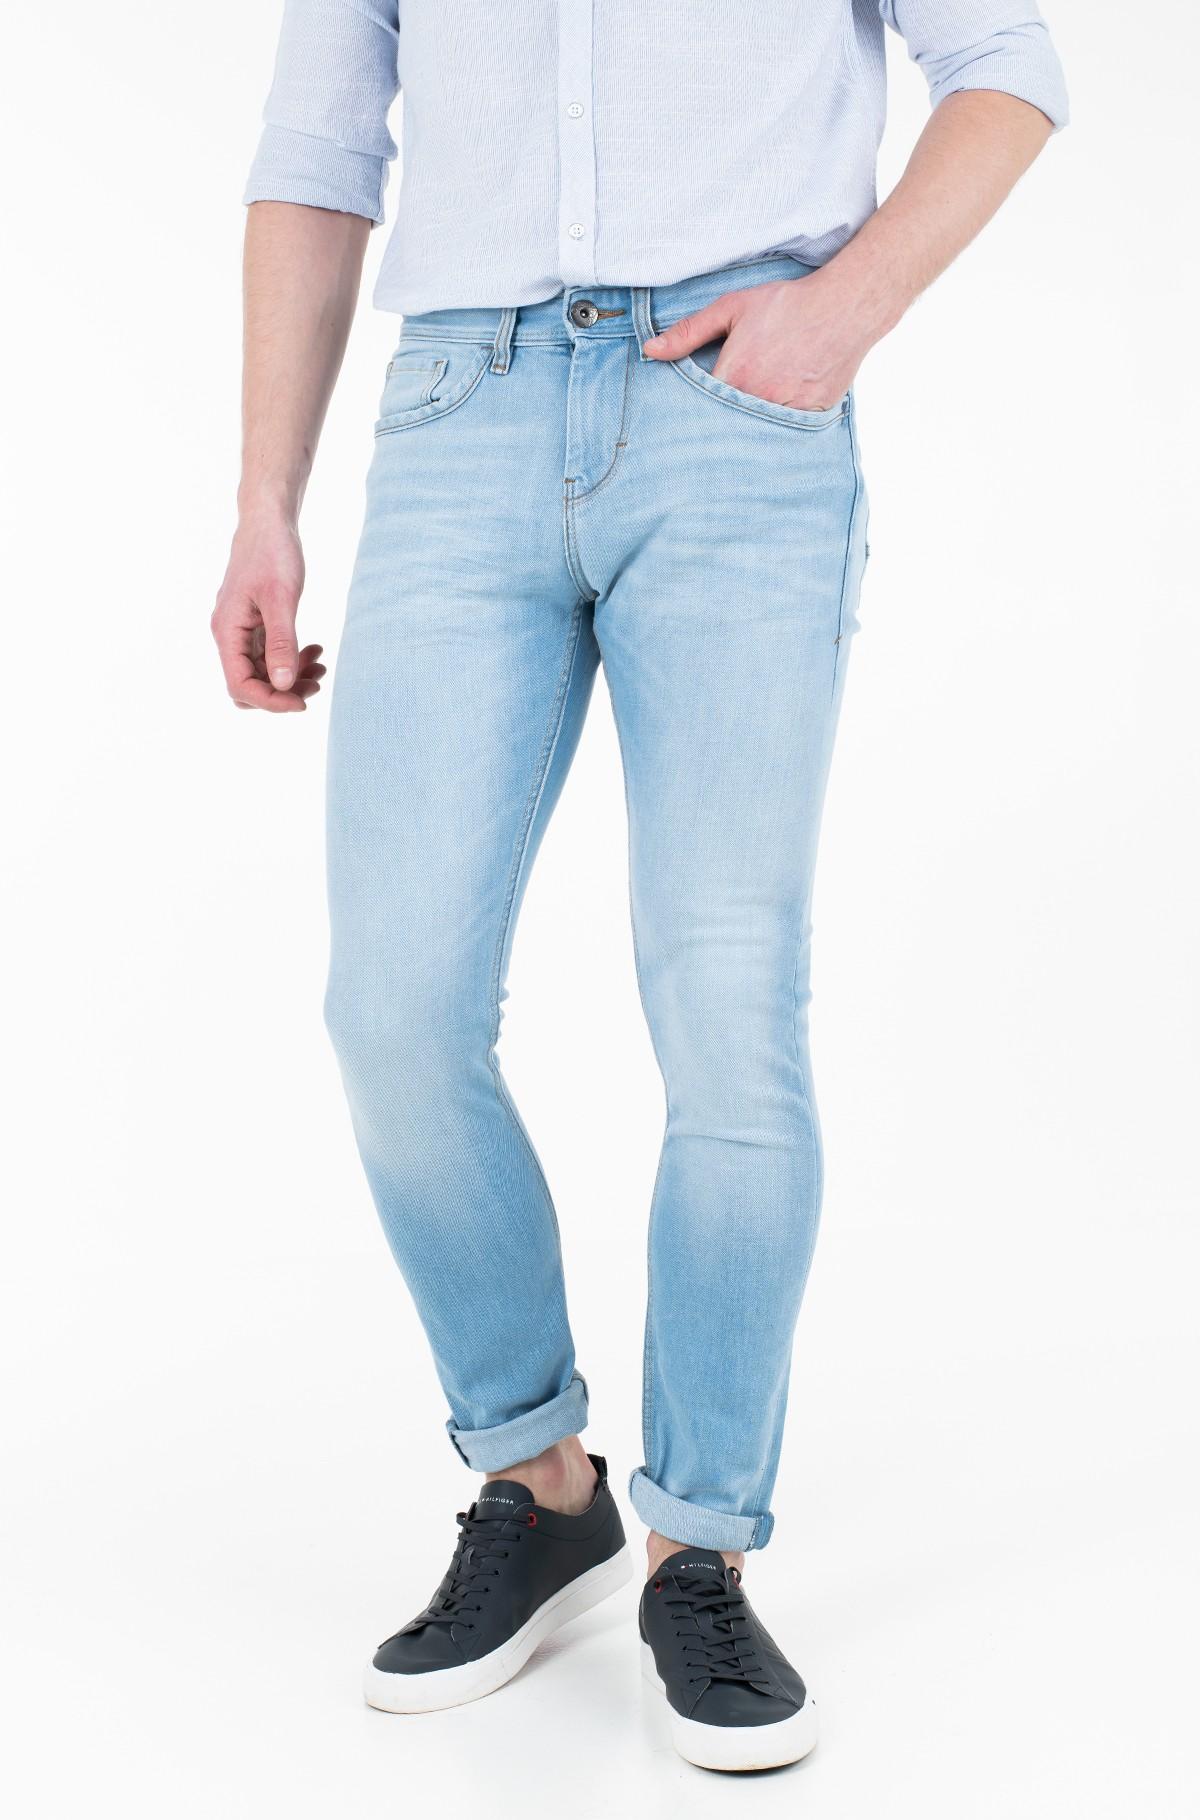 Jeans 1008158-full-1